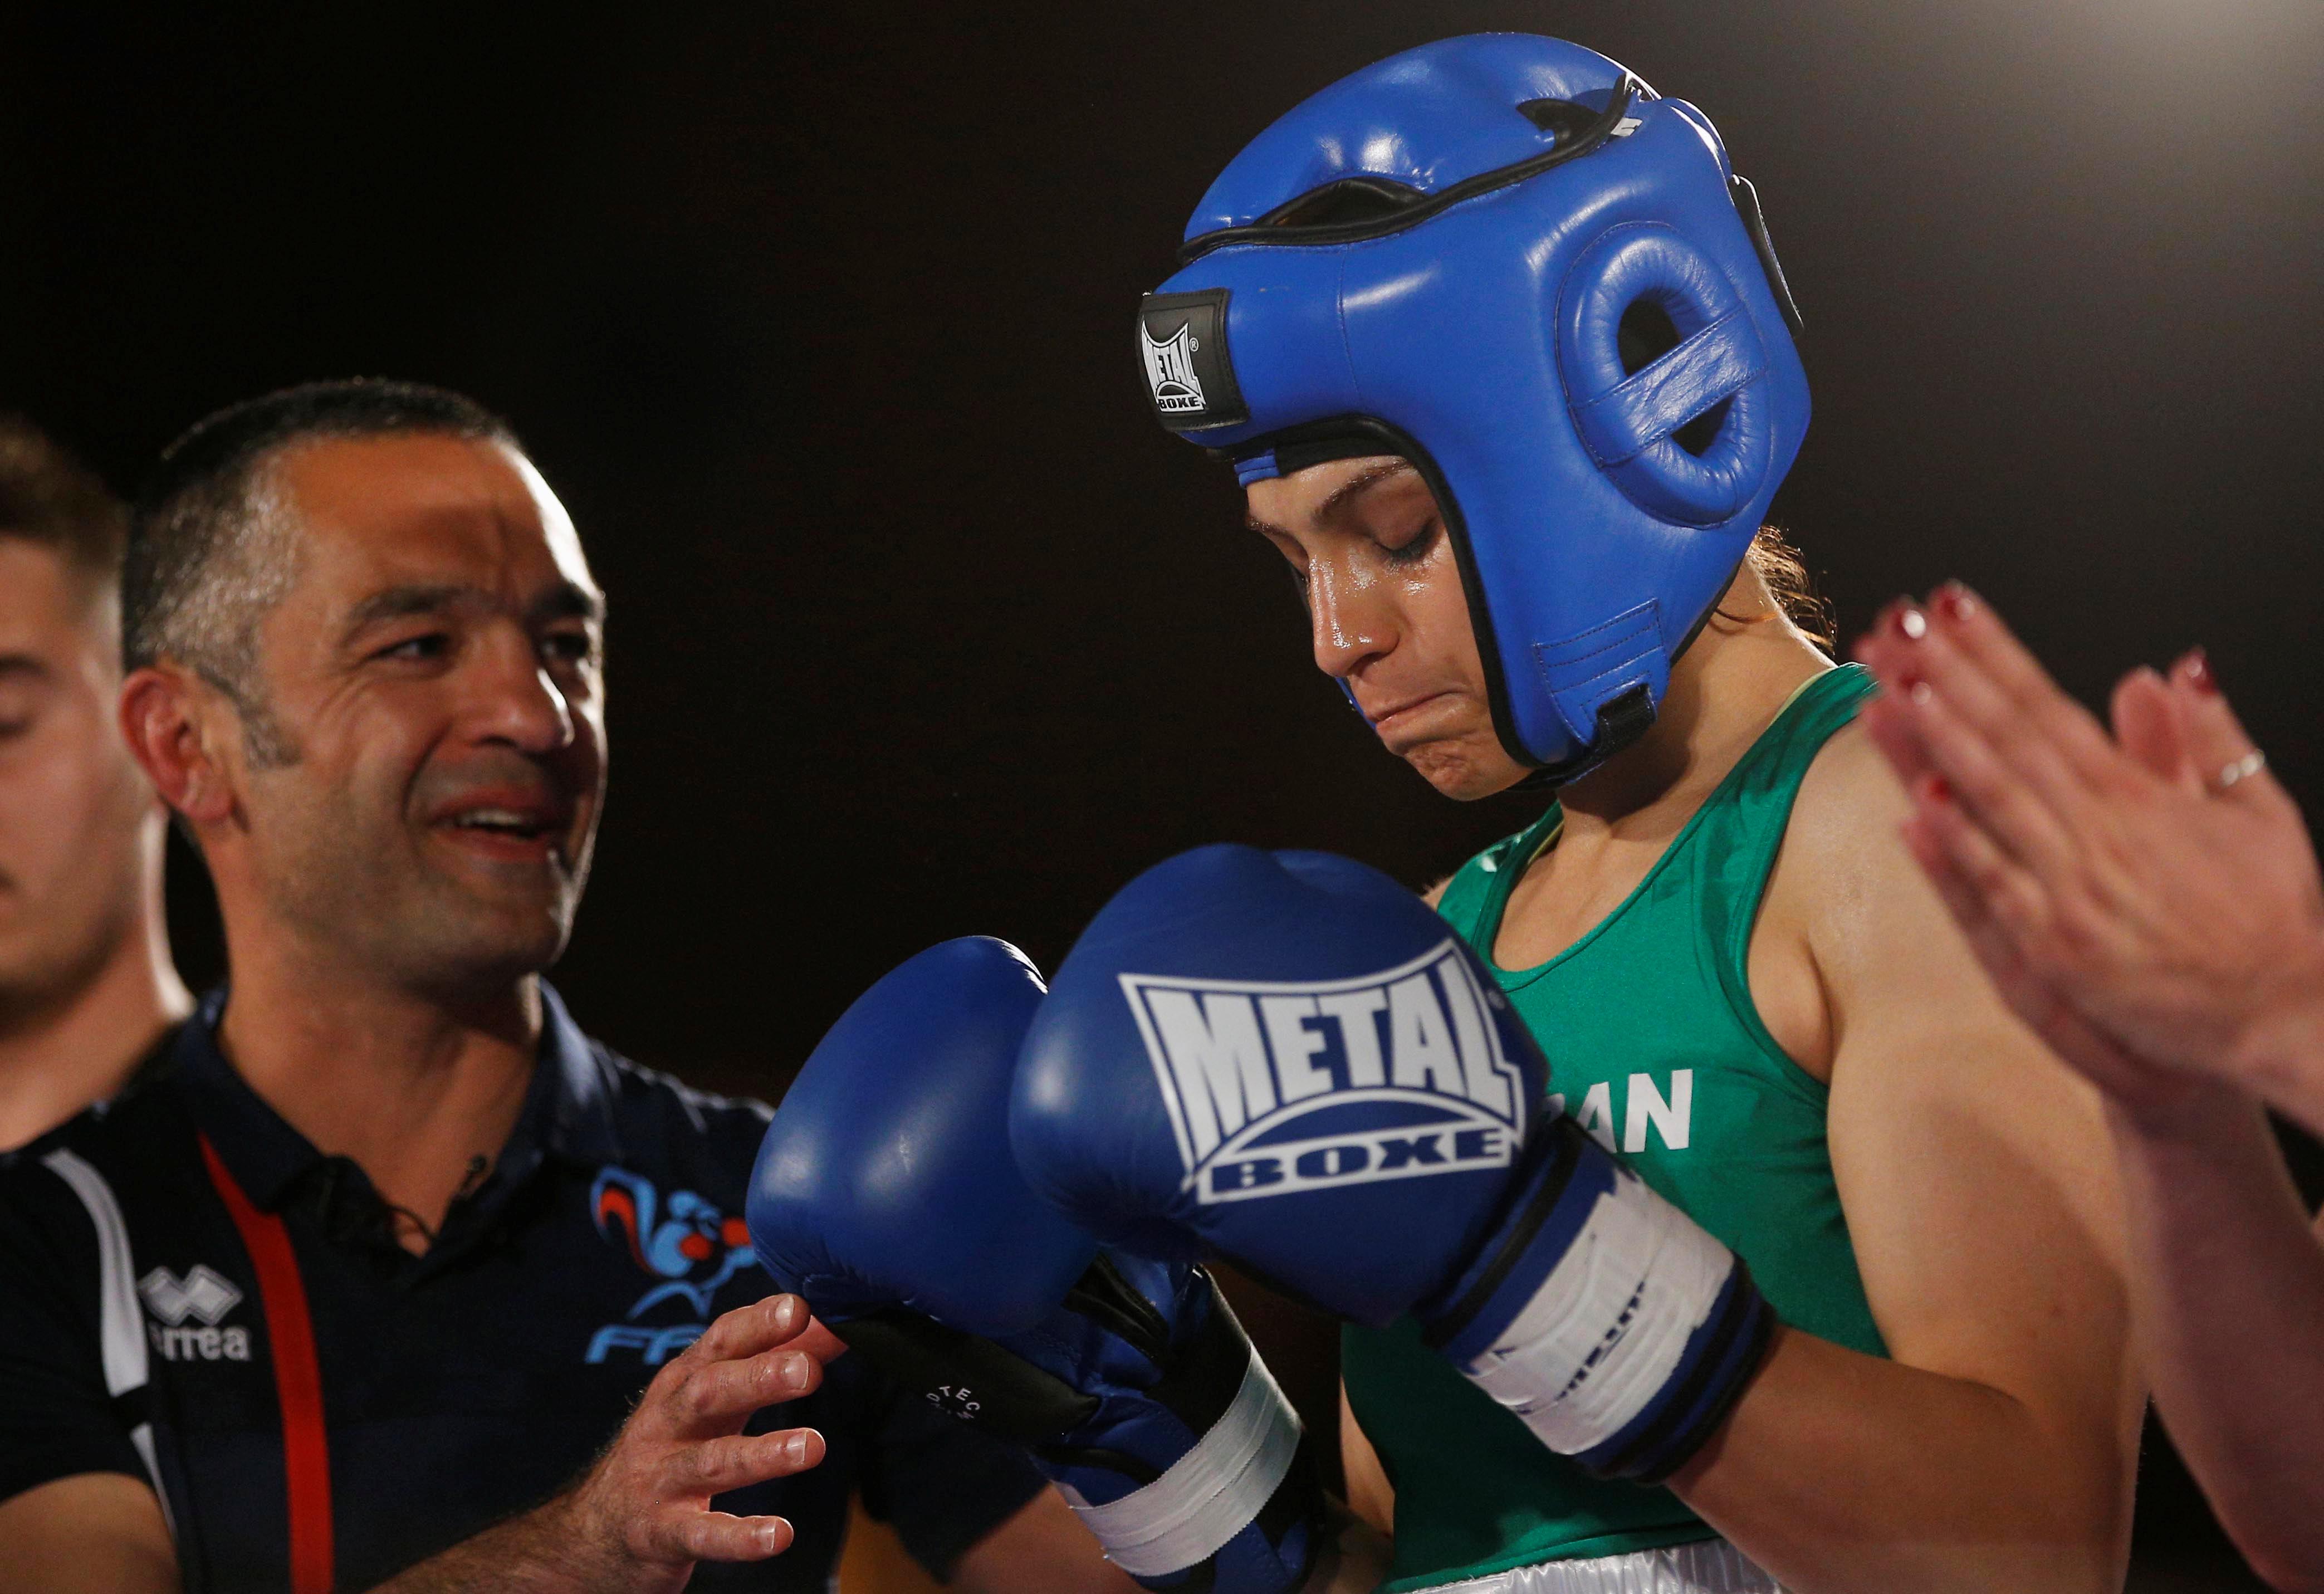 Boxe - La boxeuse iranienne Sadaf Khadem gagne son premier combat